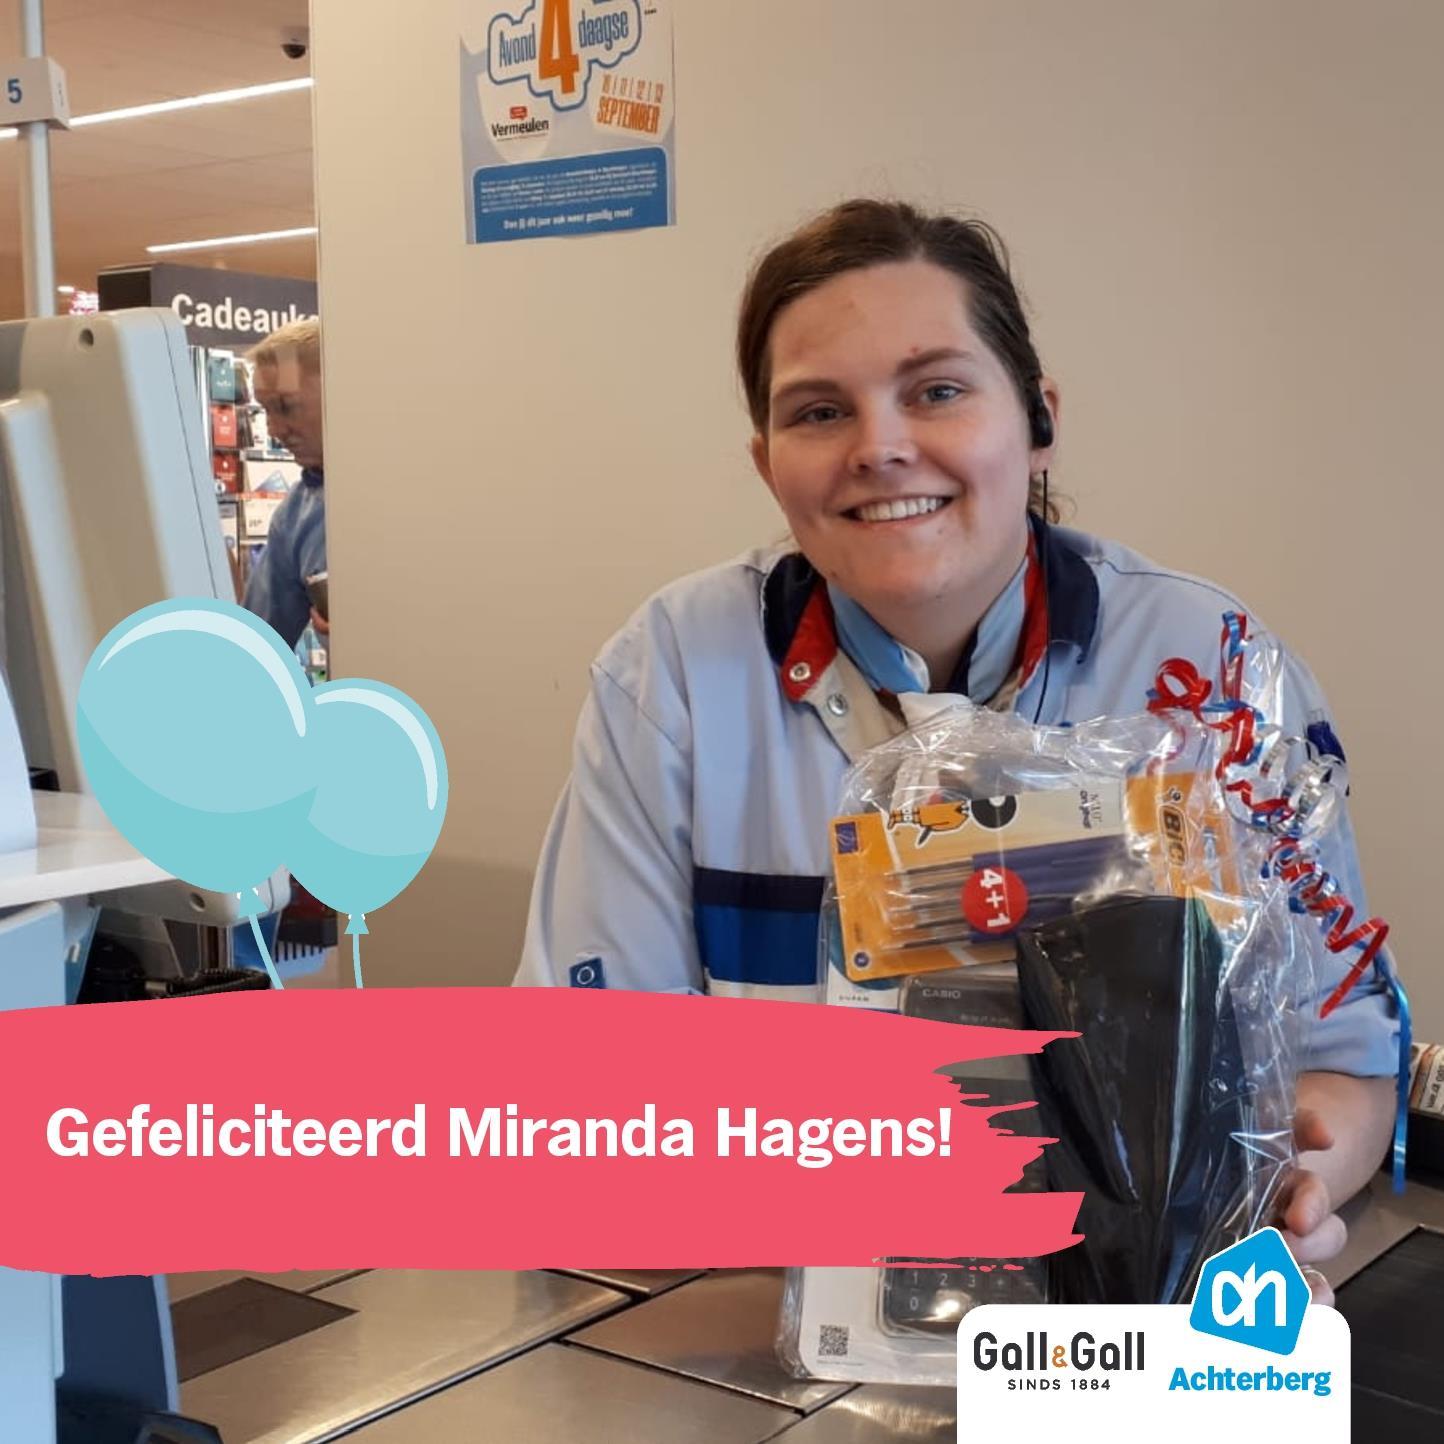 Gefeliciteerd Miranda Hagens!